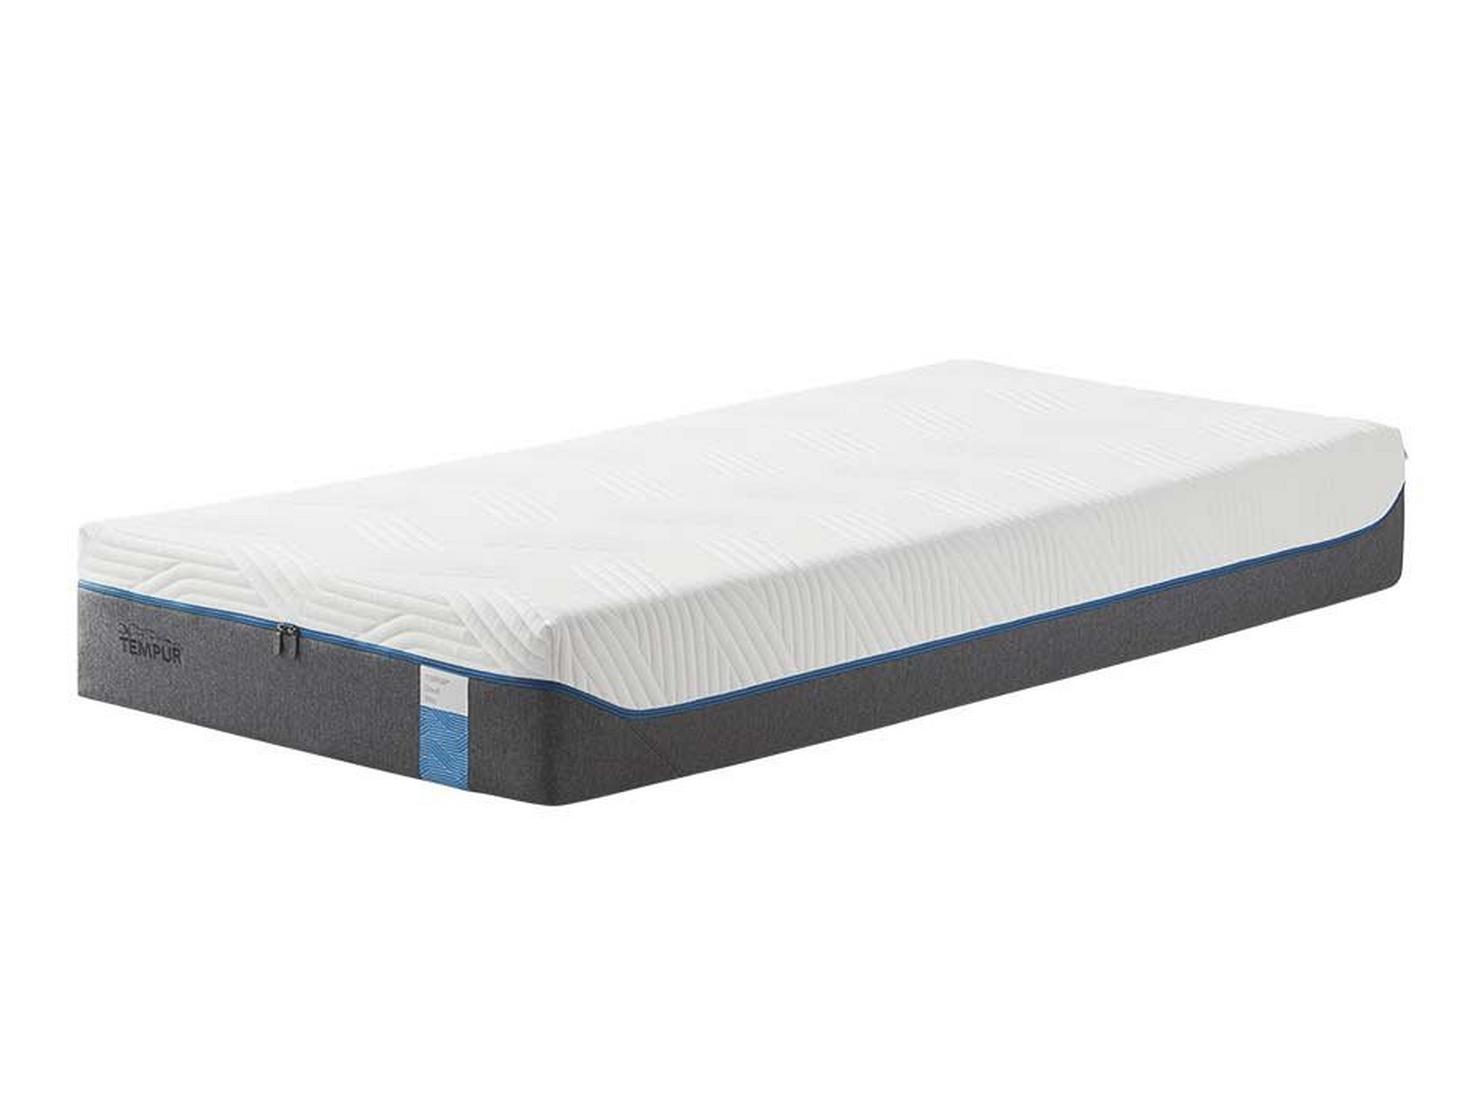 【送料無料】 テンピュール マットレス クラウドエリート25 tempur Cloud Elite25 クラウド エリート25 寝具 シングルサイズ(代引対象外)